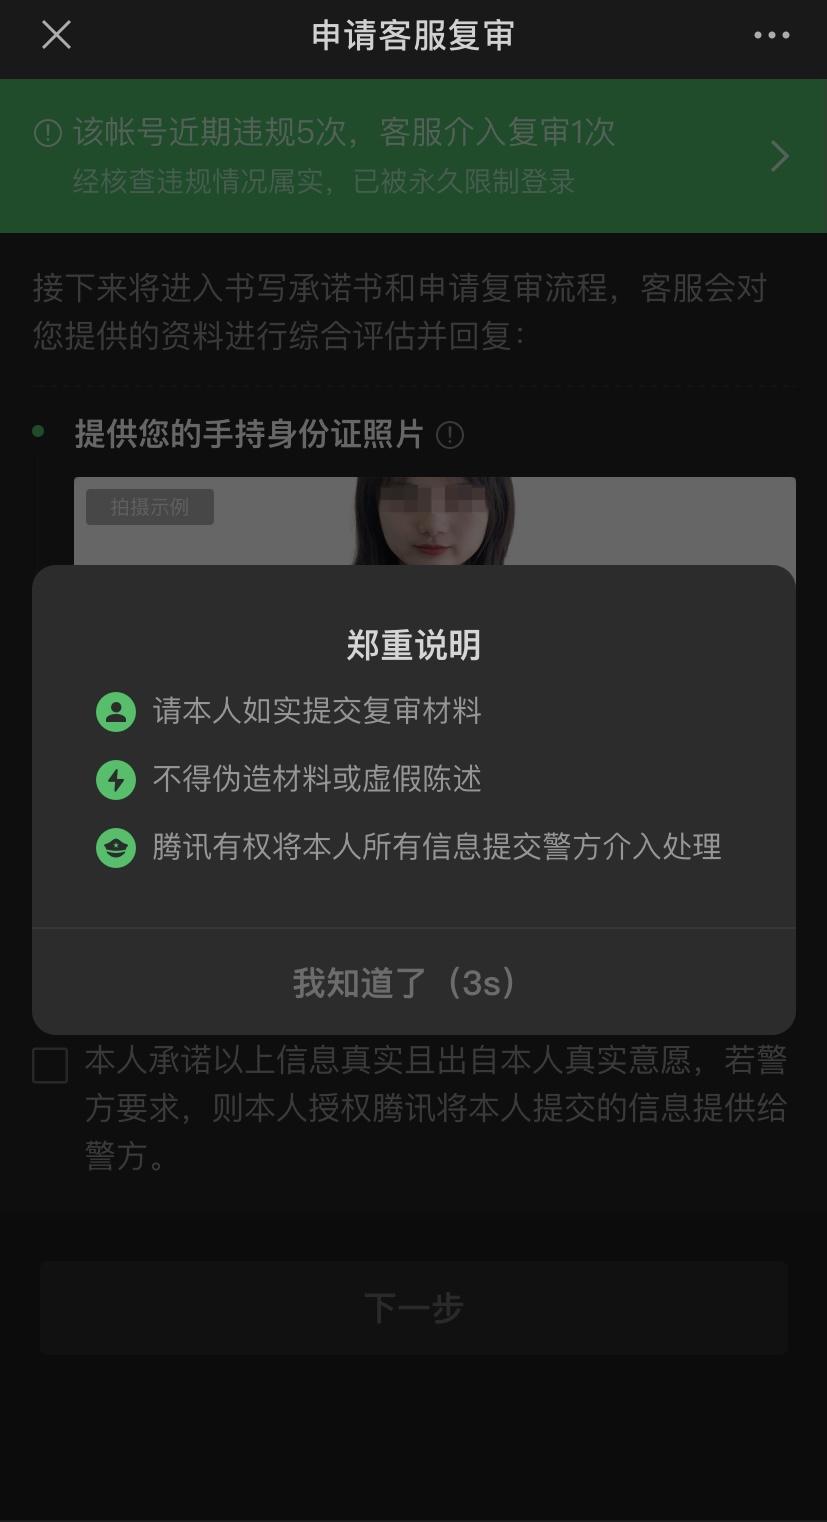 微信永久封号可以通过官方申请解封啦-微信解封啦